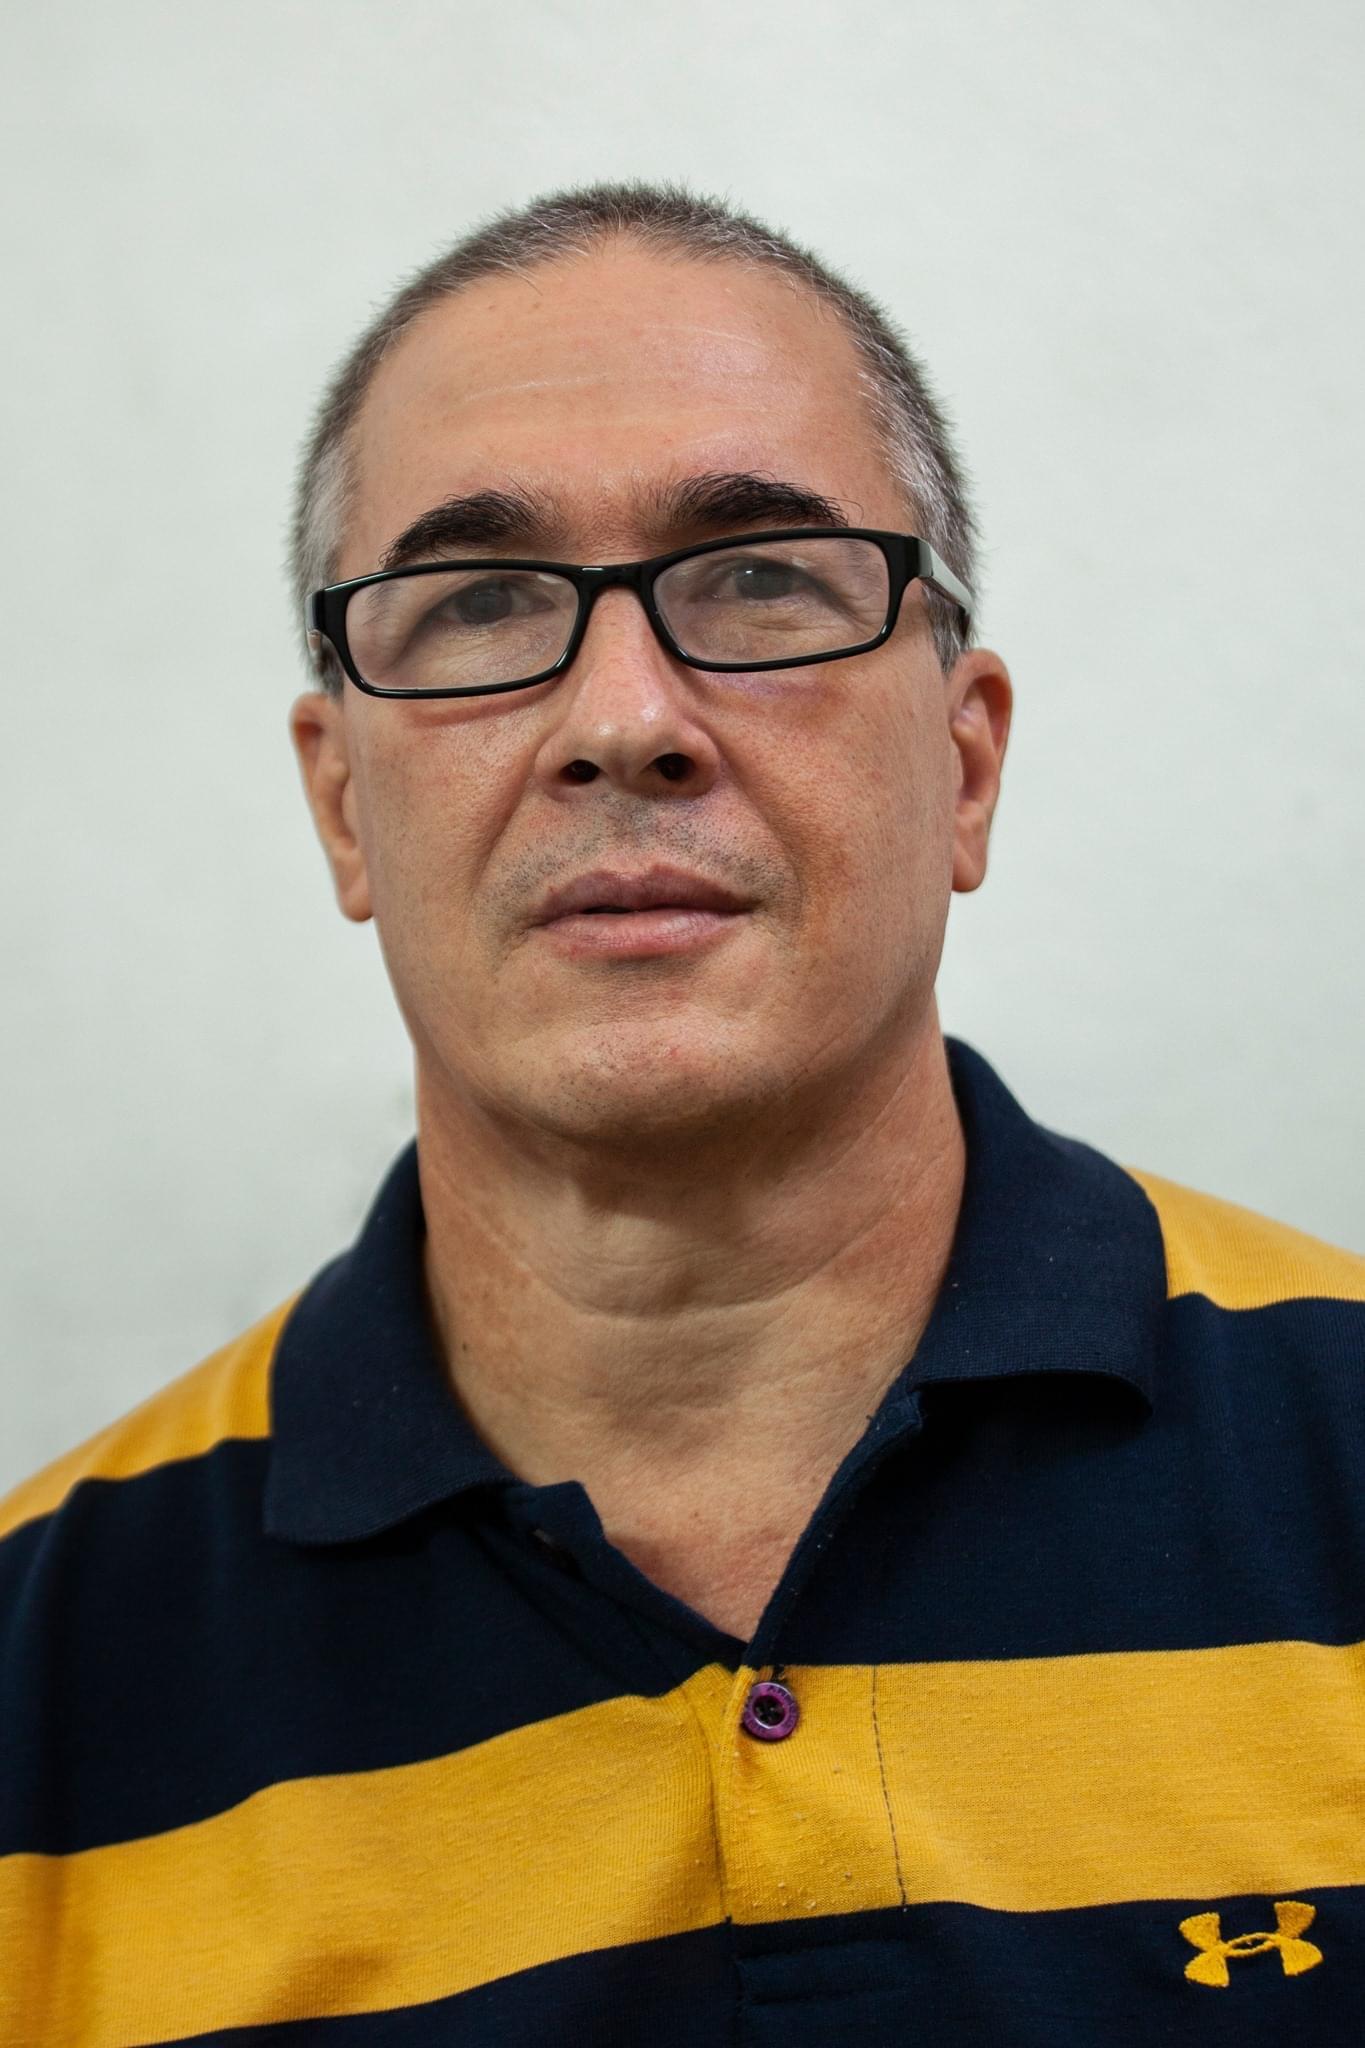 Jose Luis Granda Morejon